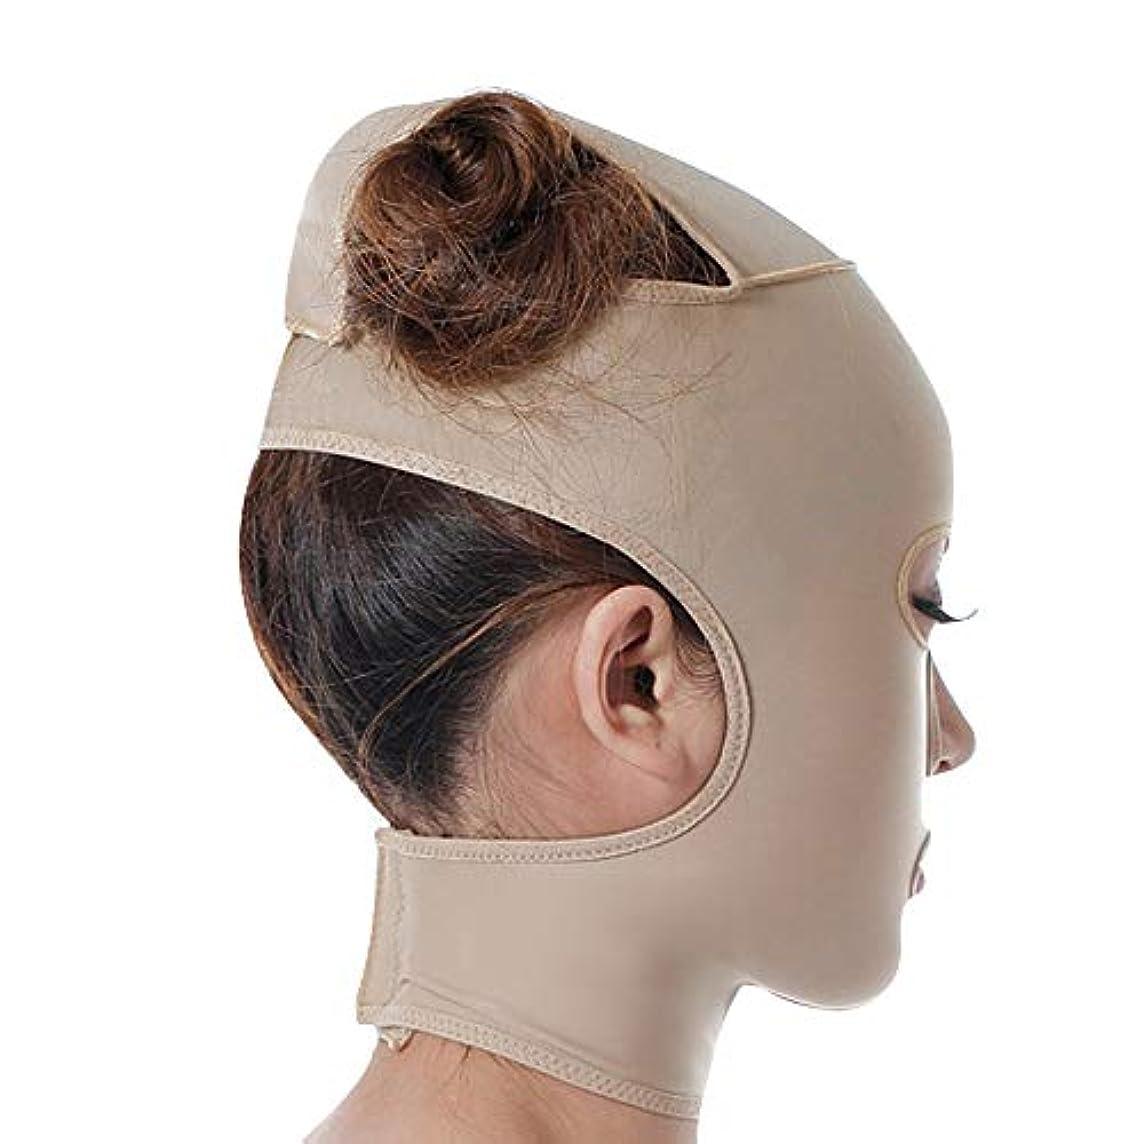 自分を引き上げる犯人頭蓋骨TLMY 引き締めマスクマスク美容薬マスク美容V顔包帯ライン彫刻リフティング引き締め二重あごマスク 顔用整形マスク (Size : M)